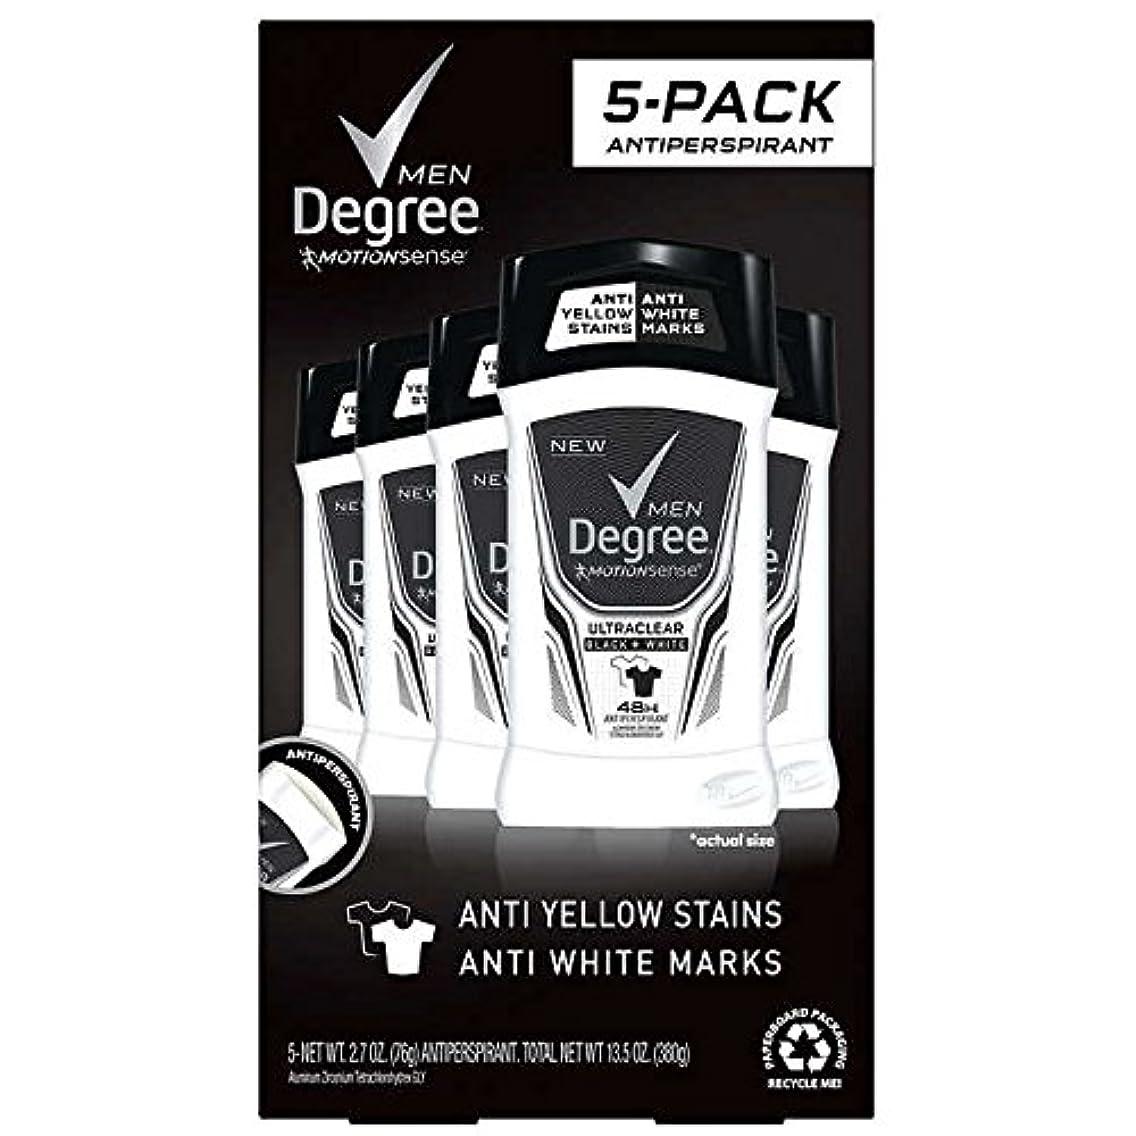 スペイン北極圏影響力のあるDegree Men Ultra Clear Black + White Solid Deodorant 2.7oz (76g), 5-pack [並行輸入品]